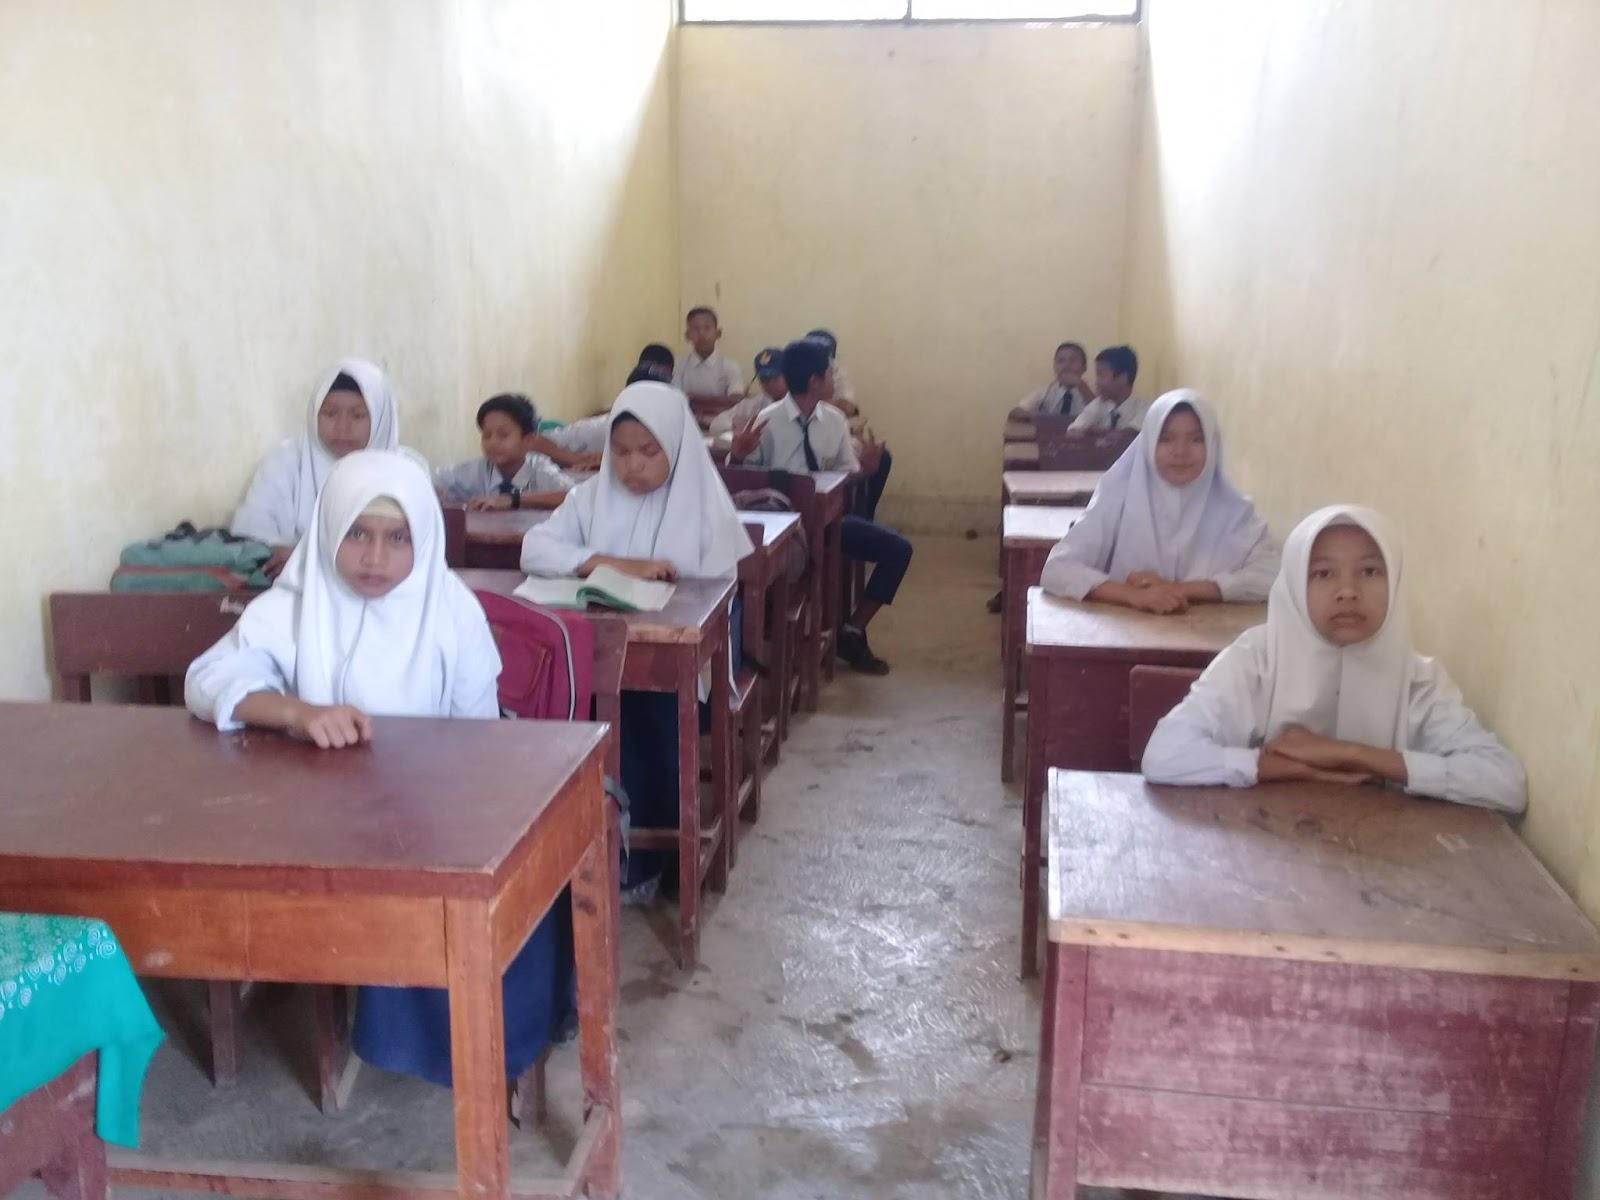 Salah satu ruang belajar di SMP Negeri 2 Angkola Muaratais